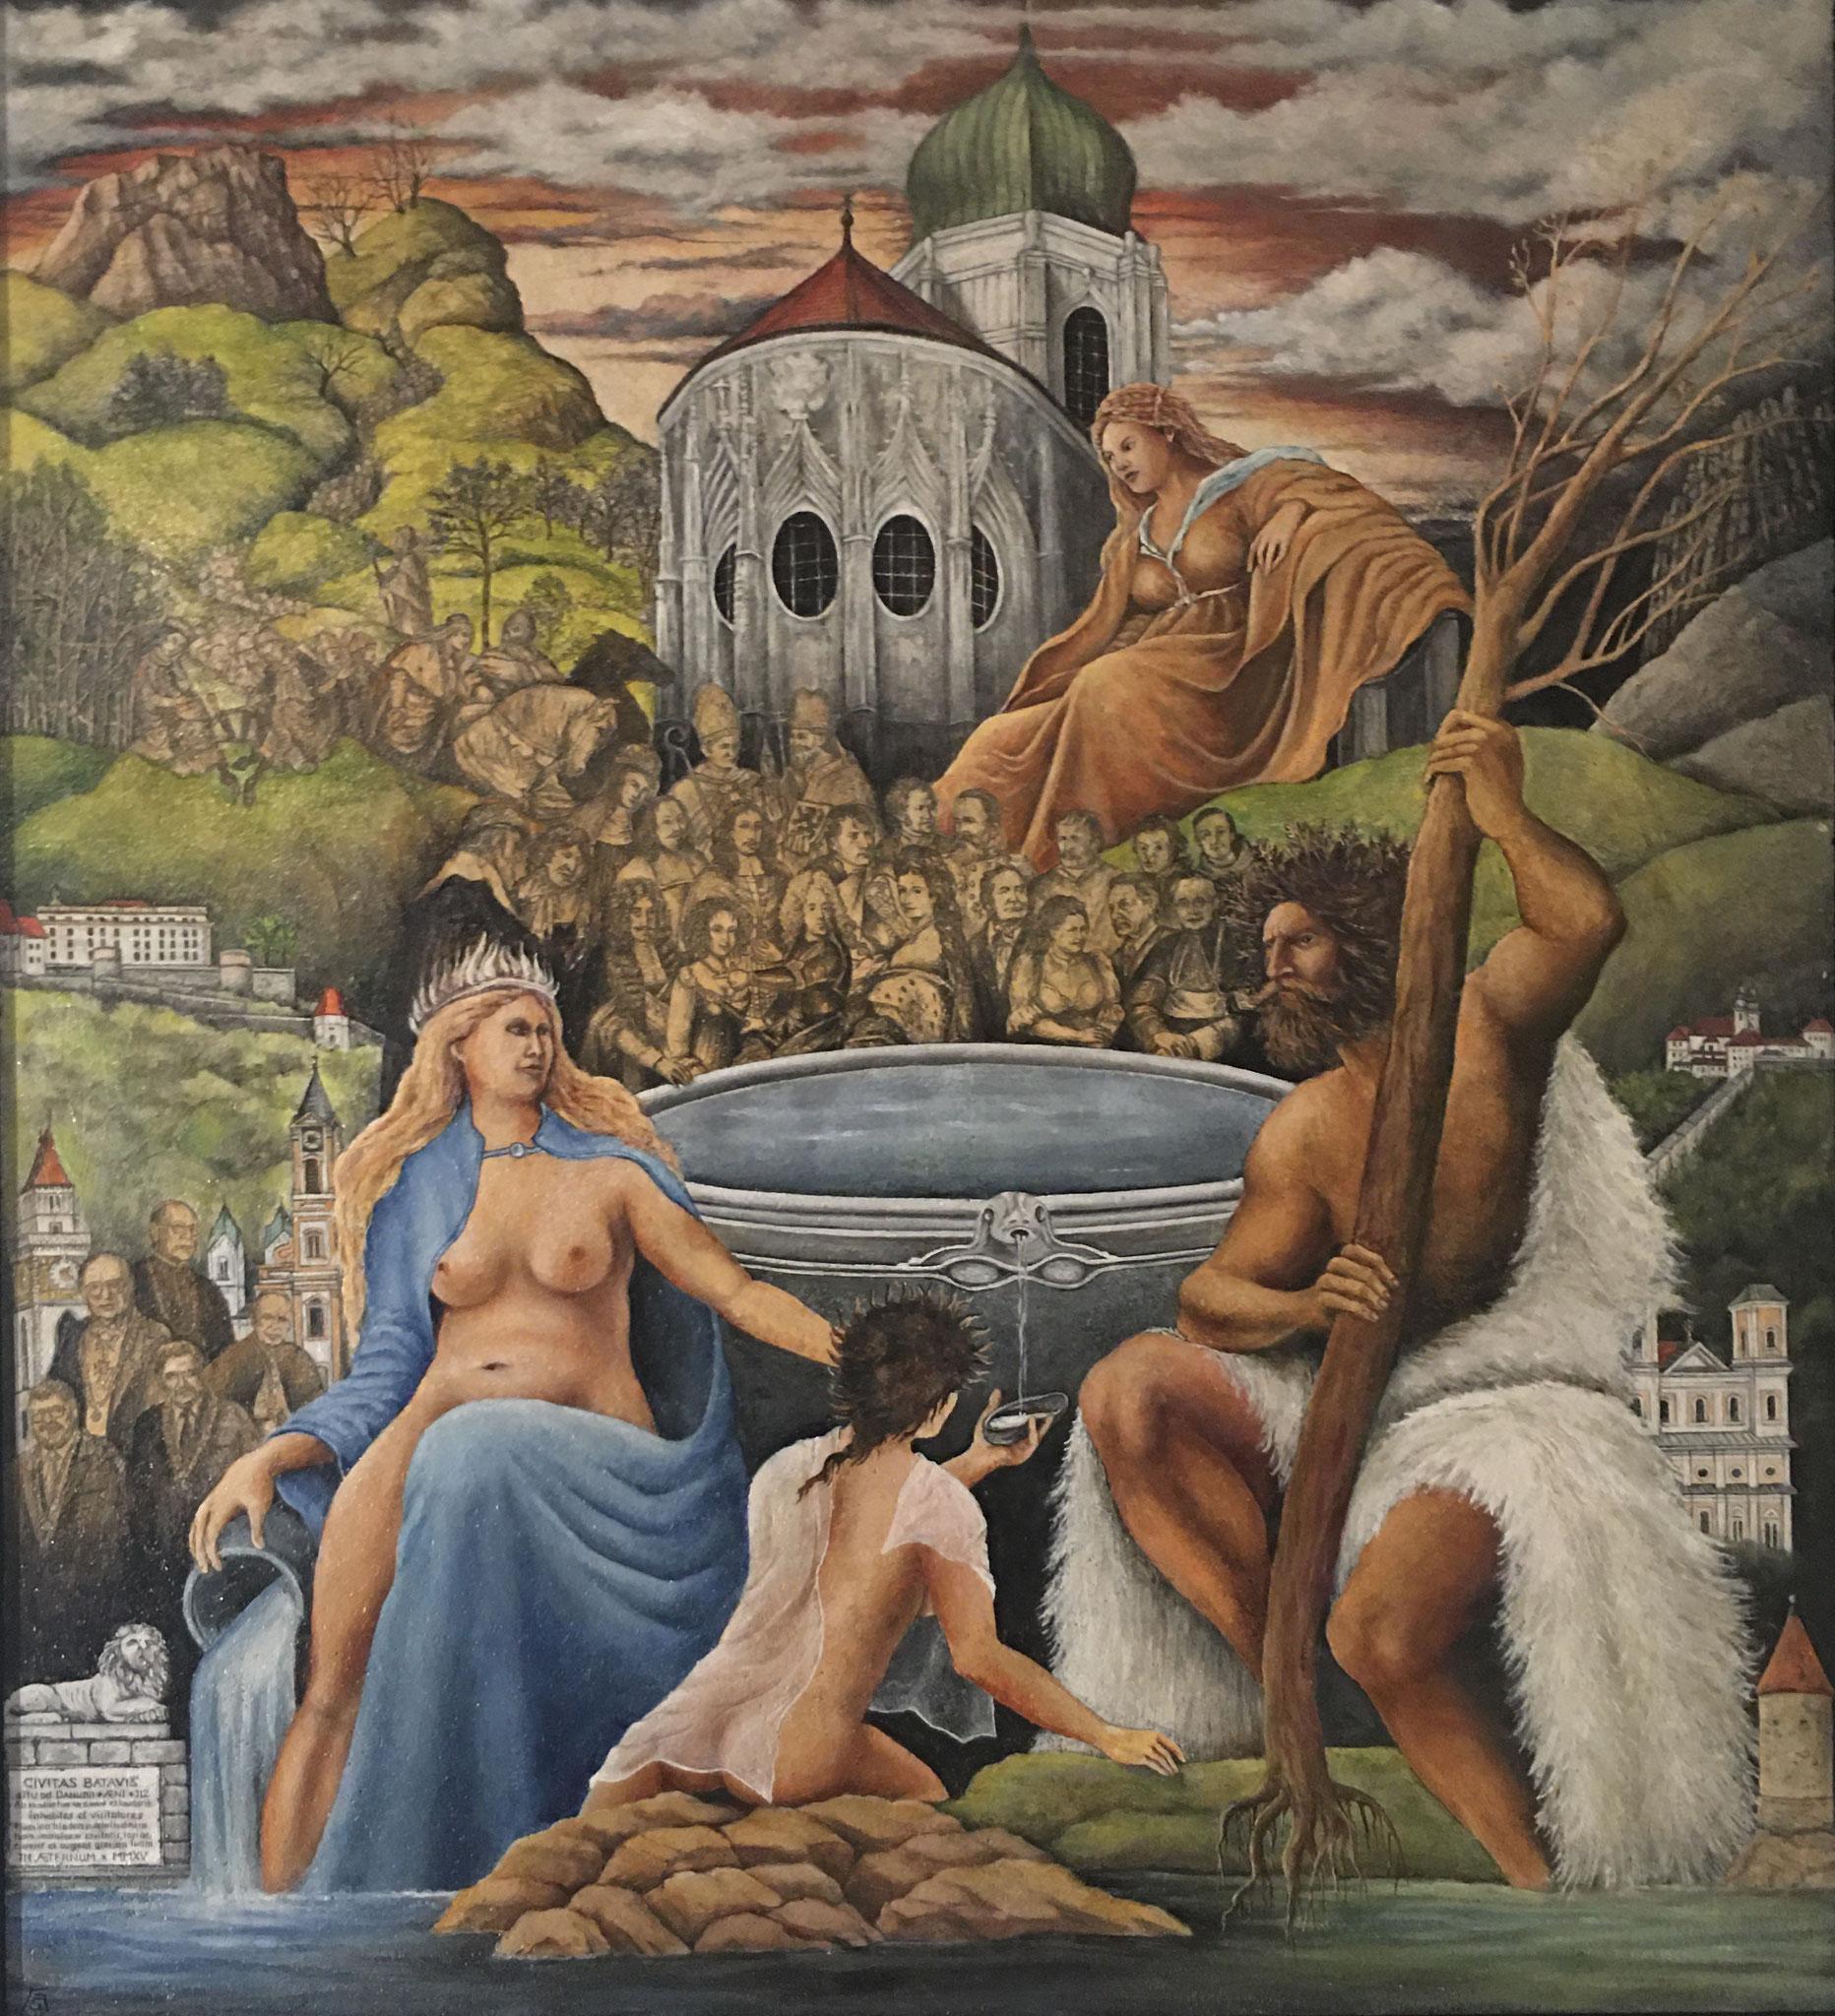 Civitas Batavis, Mischtechnik, 120 x 100 cm, 2018